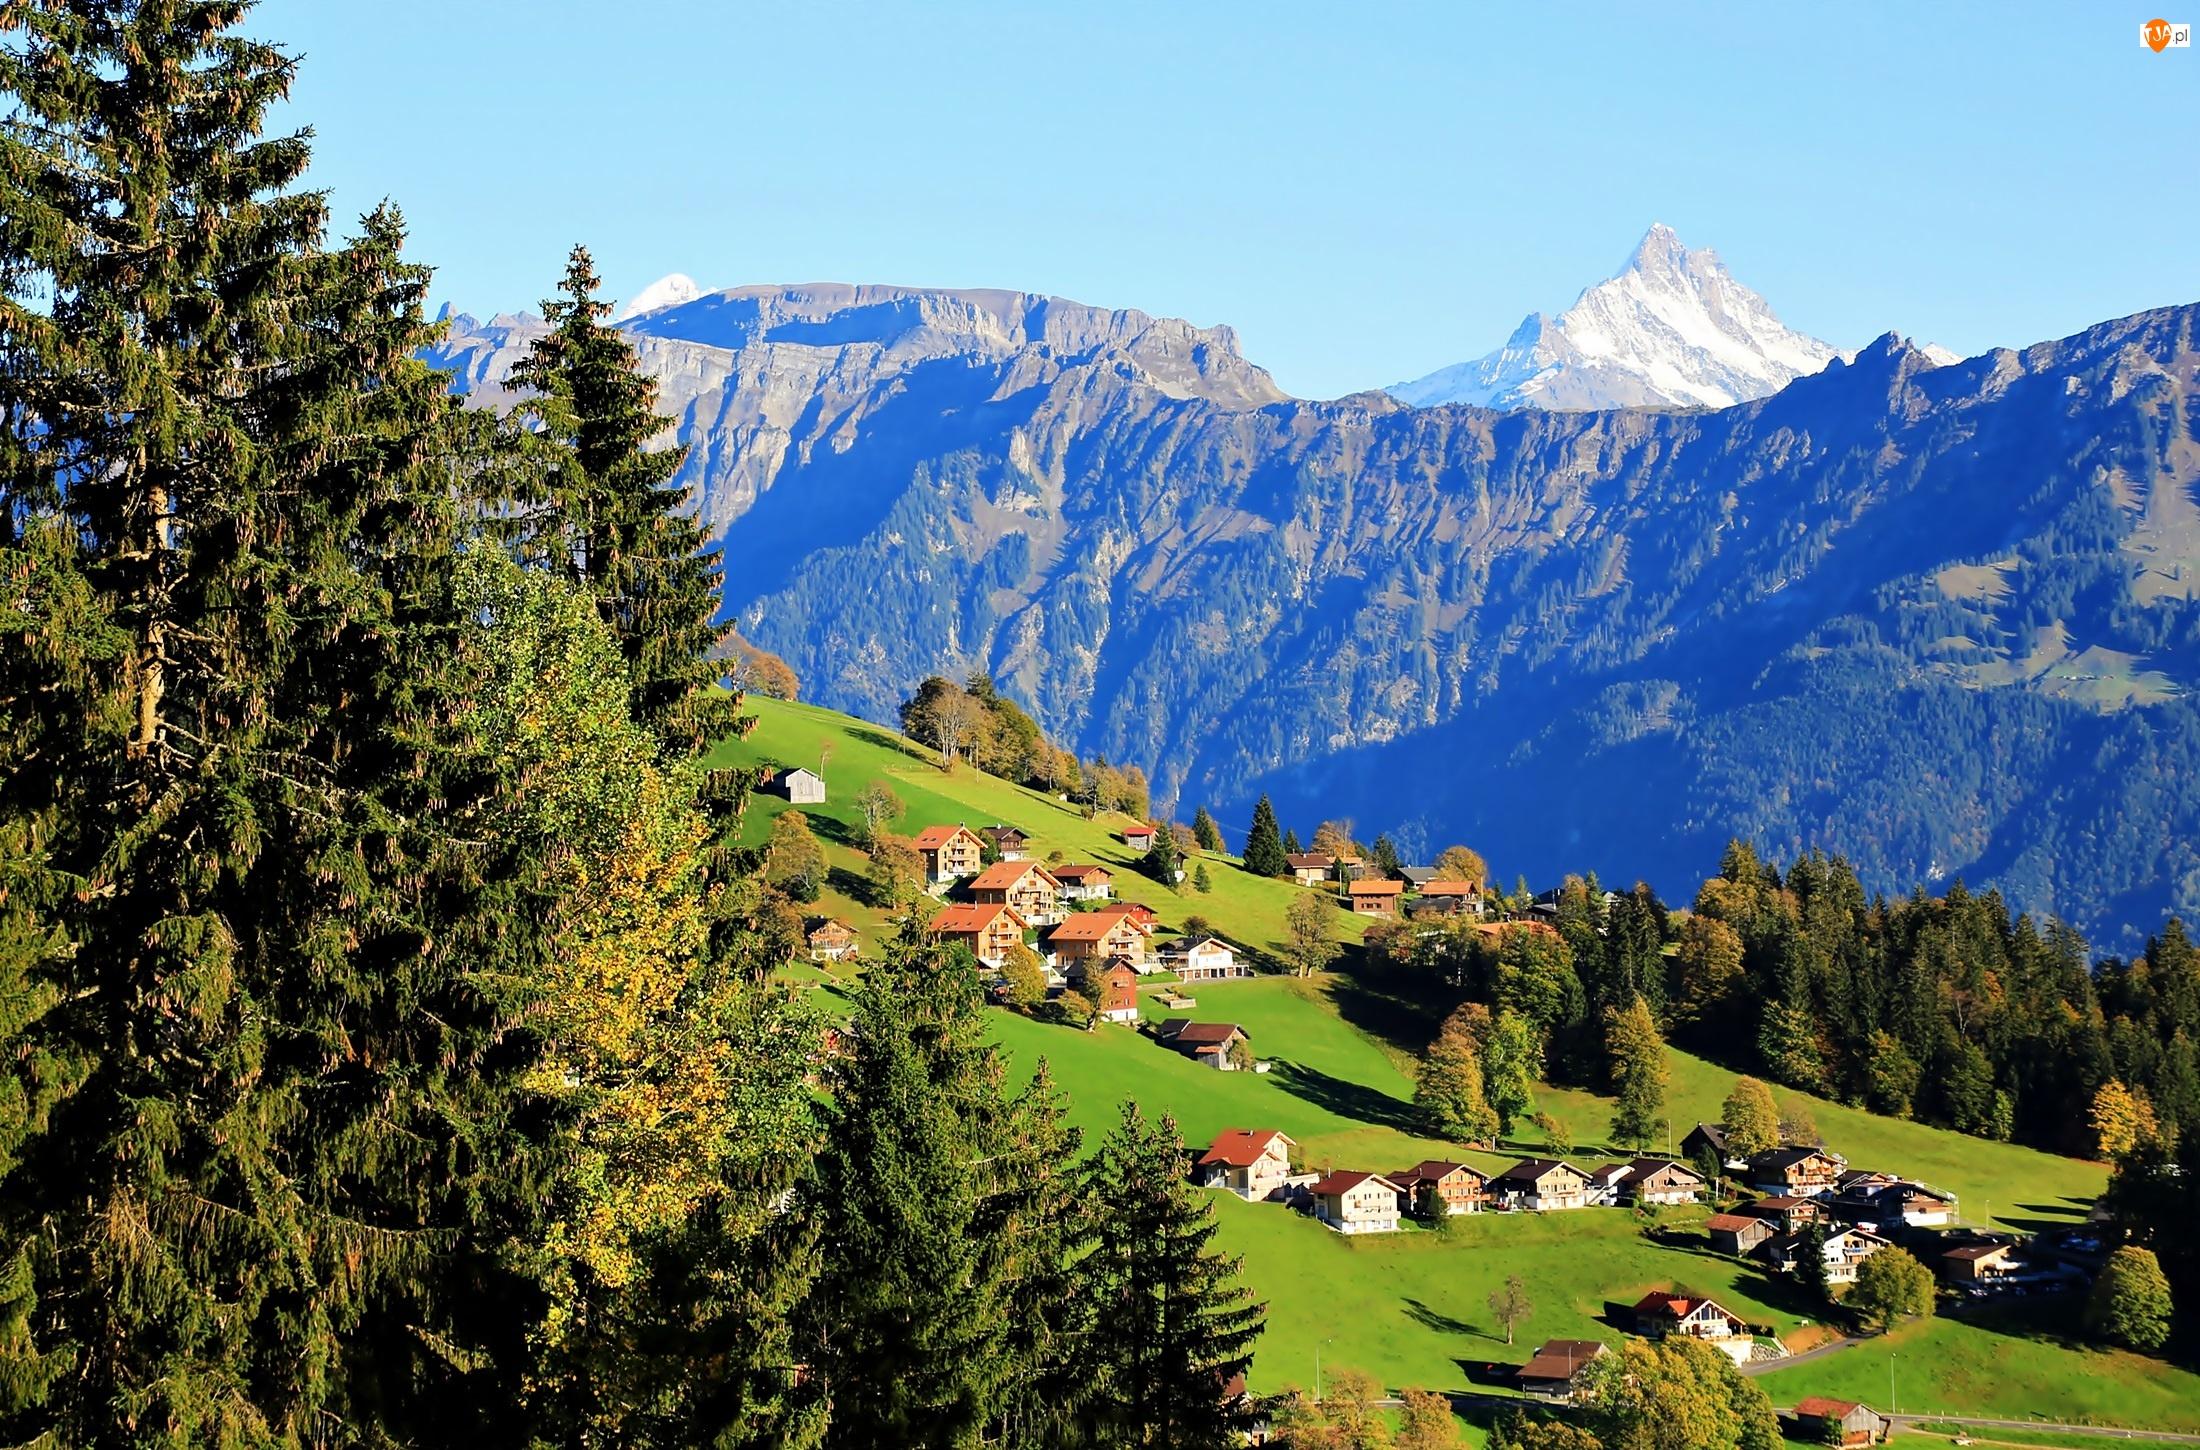 Wioska, Alpy, Łąki